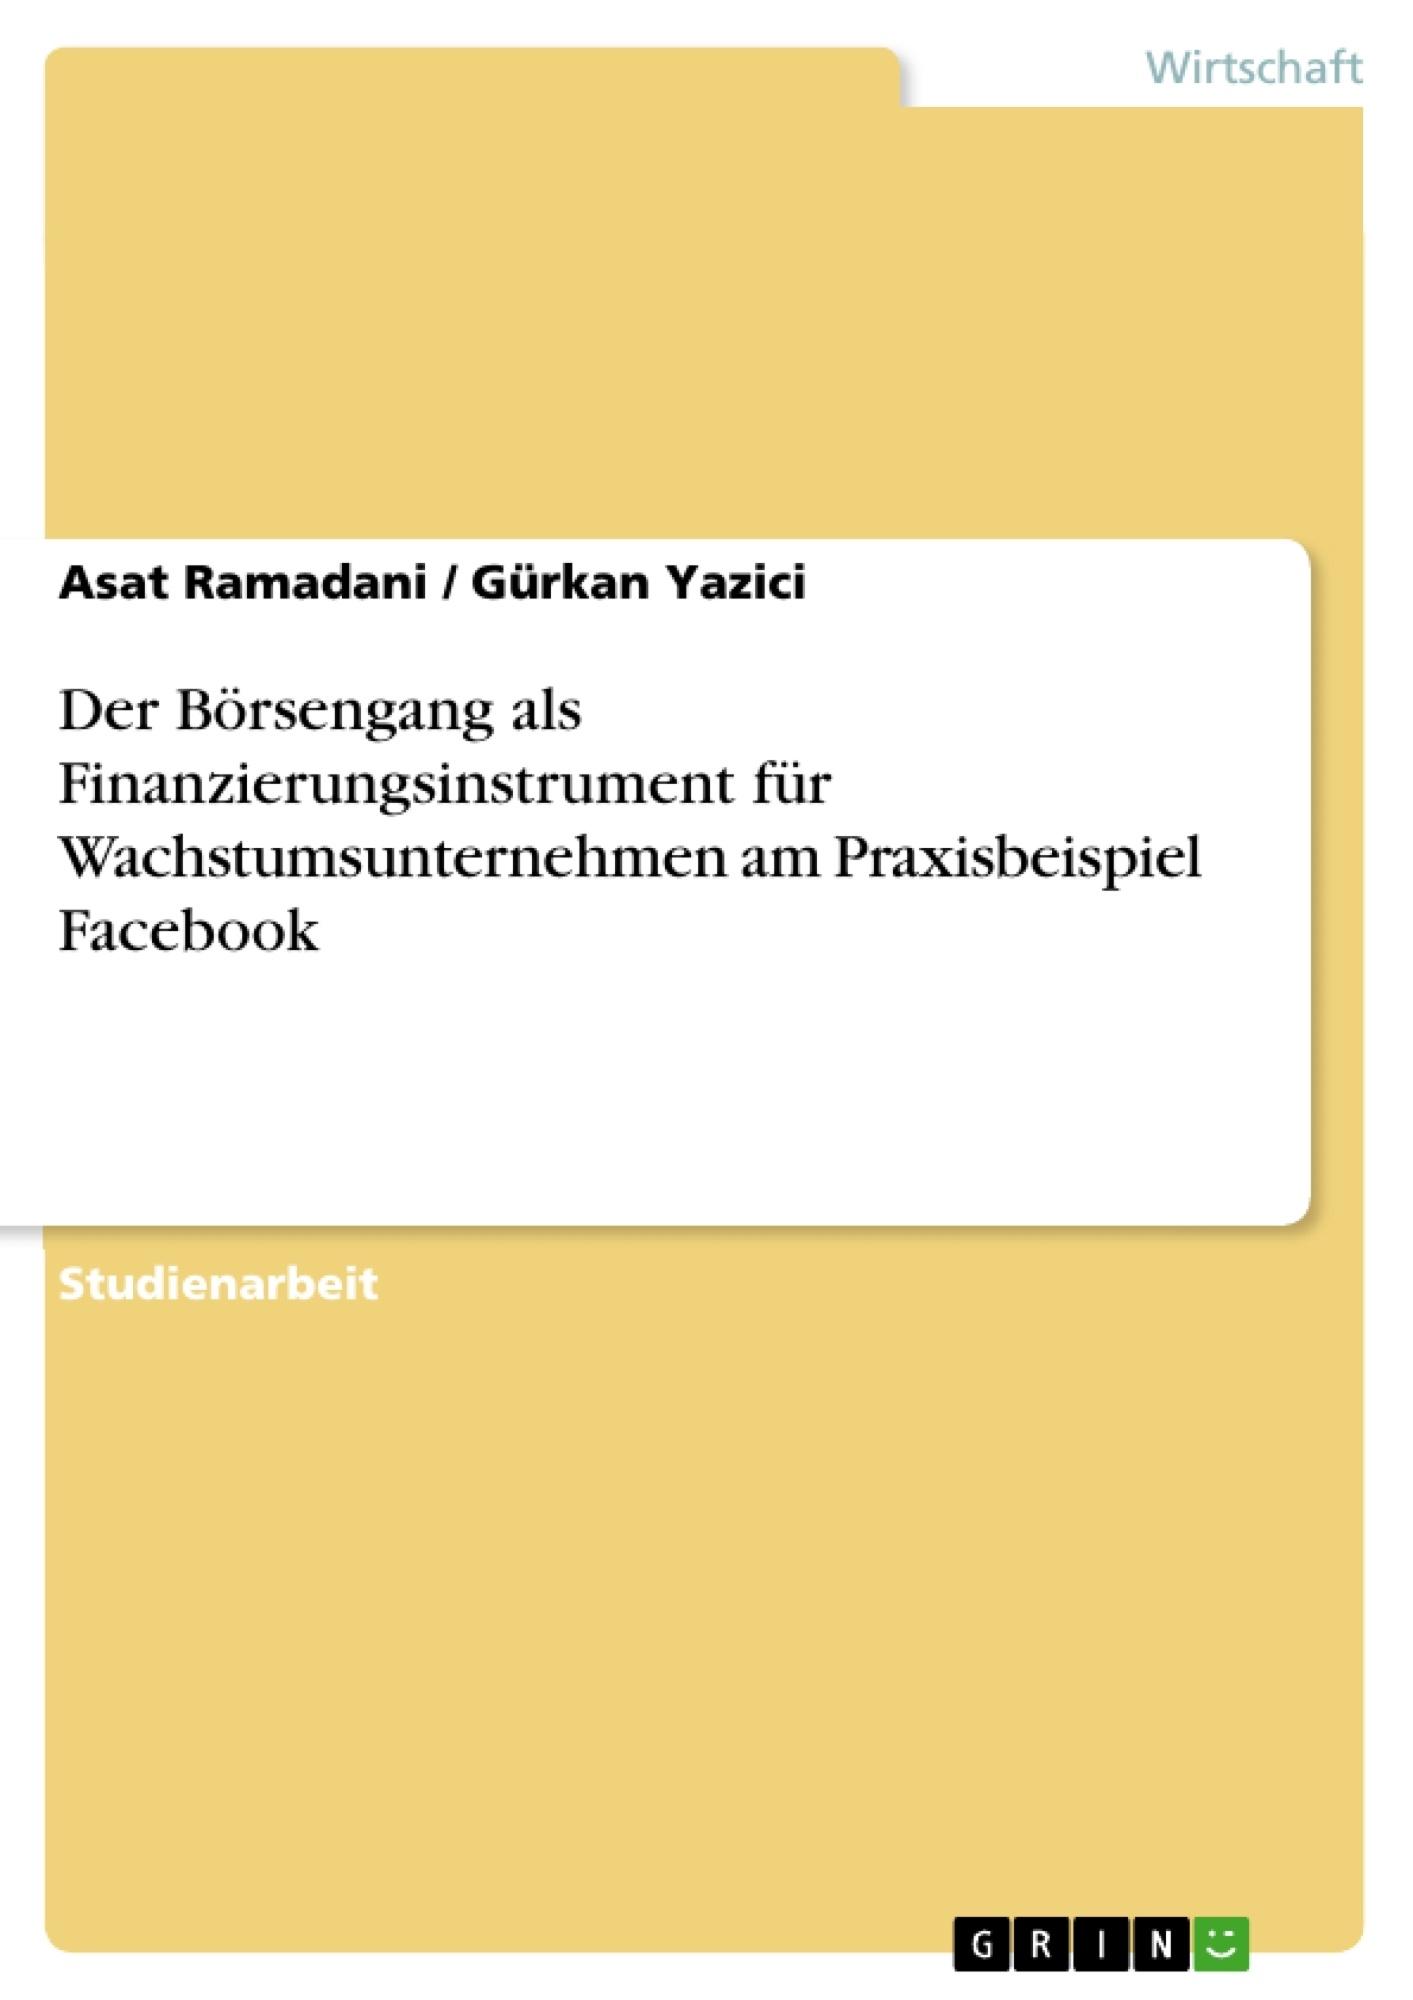 Titel: Der Börsengang als Finanzierungsinstrument für Wachstumsunternehmen am Praxisbeispiel Facebook